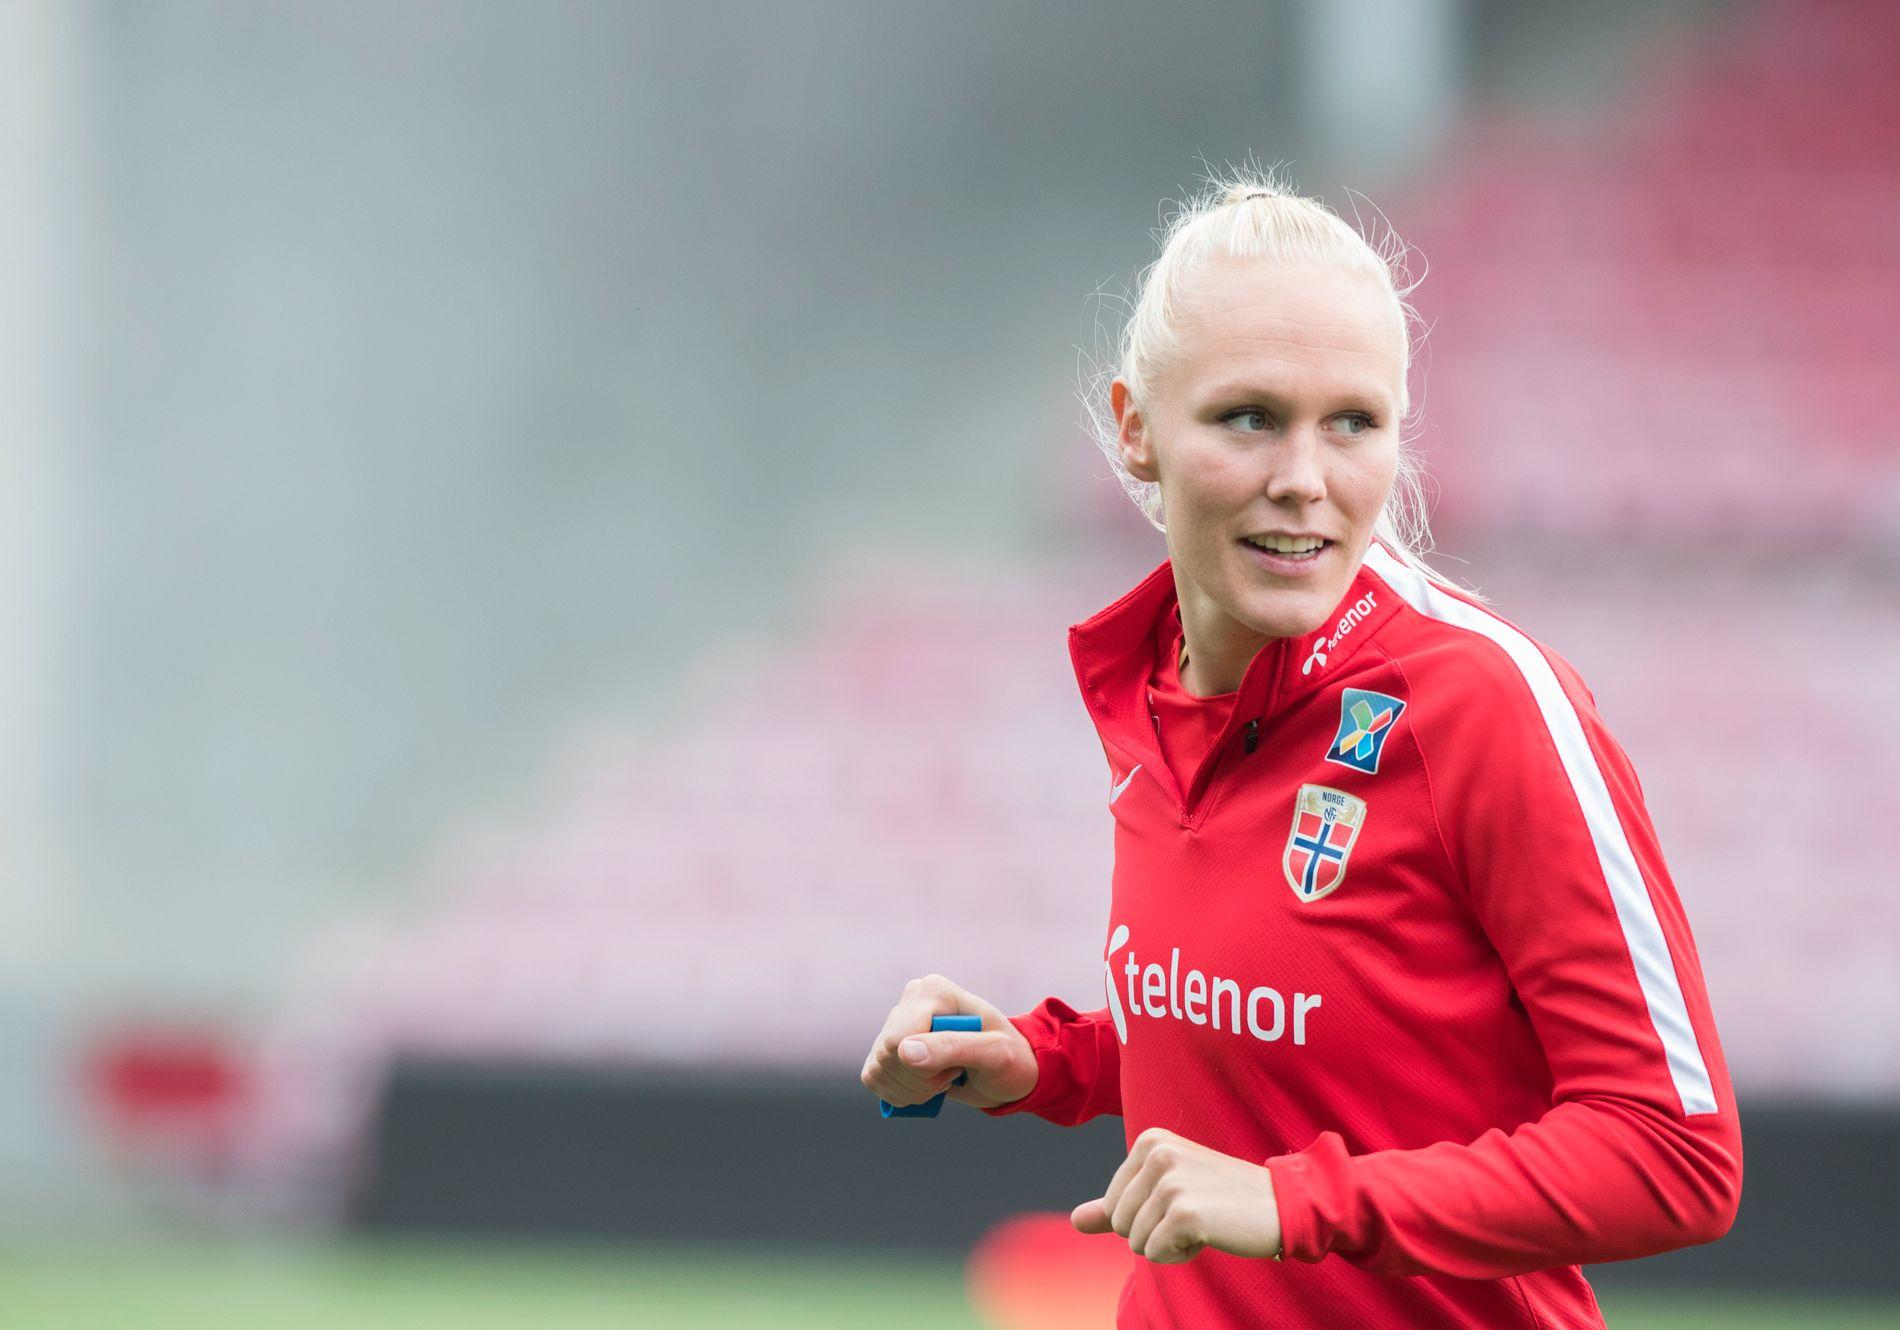 KASTET RETT INNPÅ: Maria Thorisdottir debuterte med å vinne 6-0 mot Bristol.